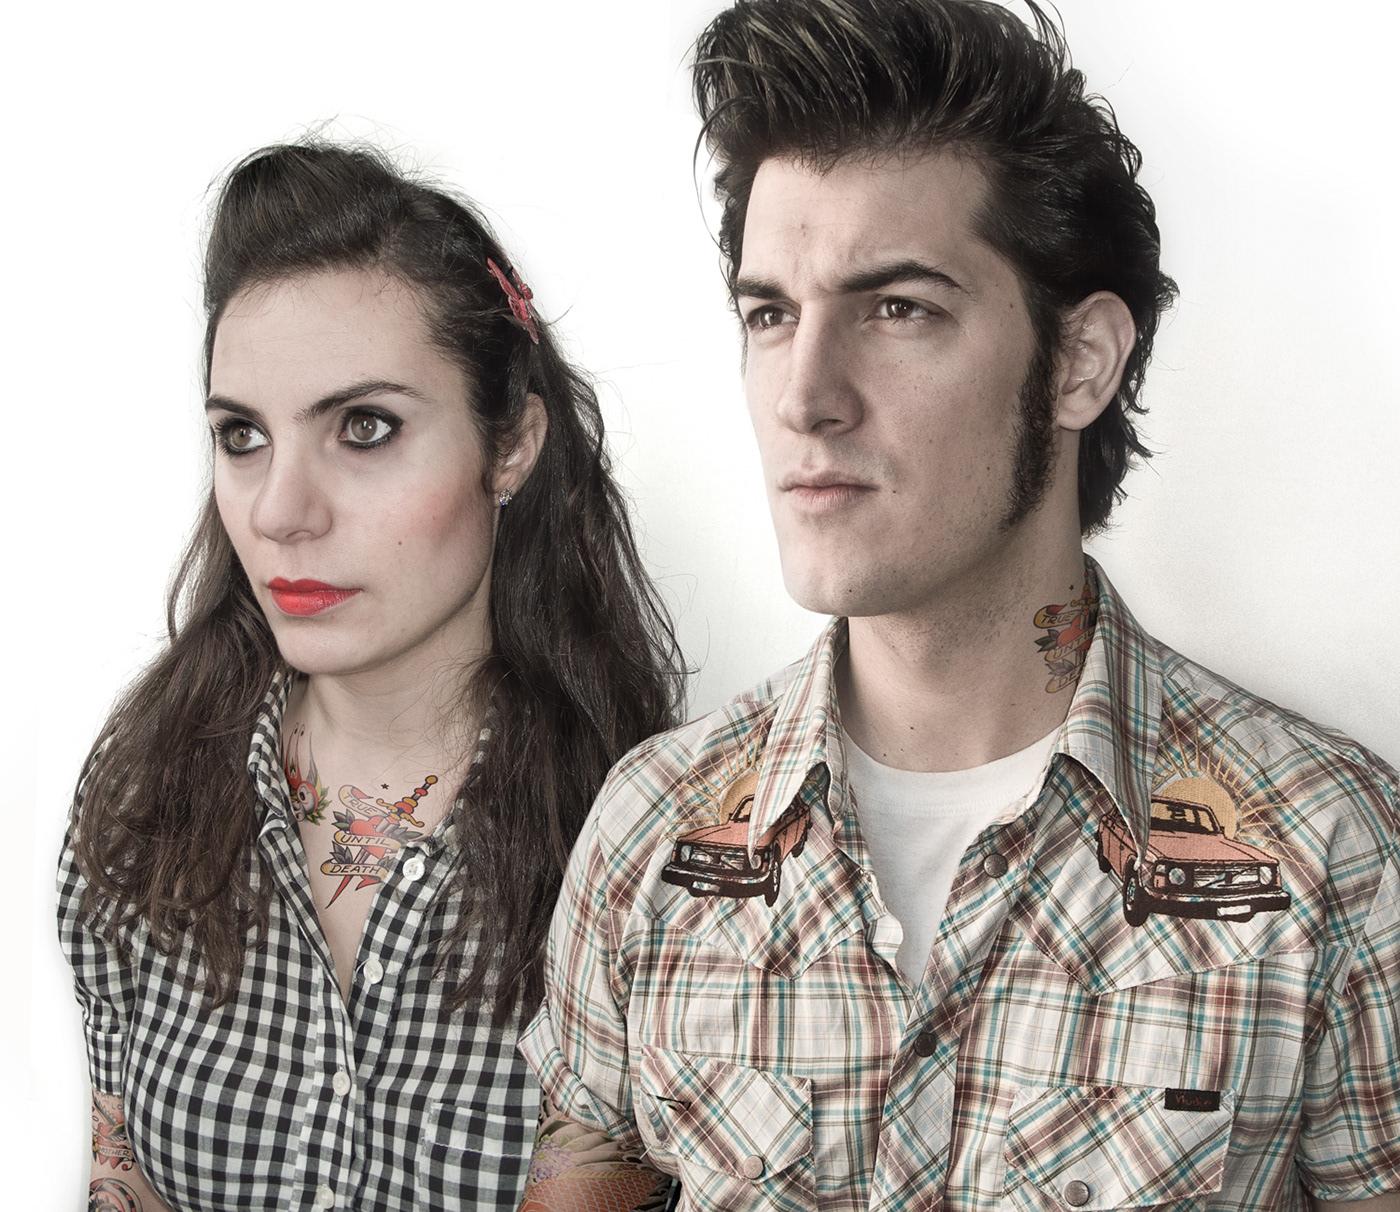 couples portrait retrato parejas reclarkgable nacho rojo Chico chica moda